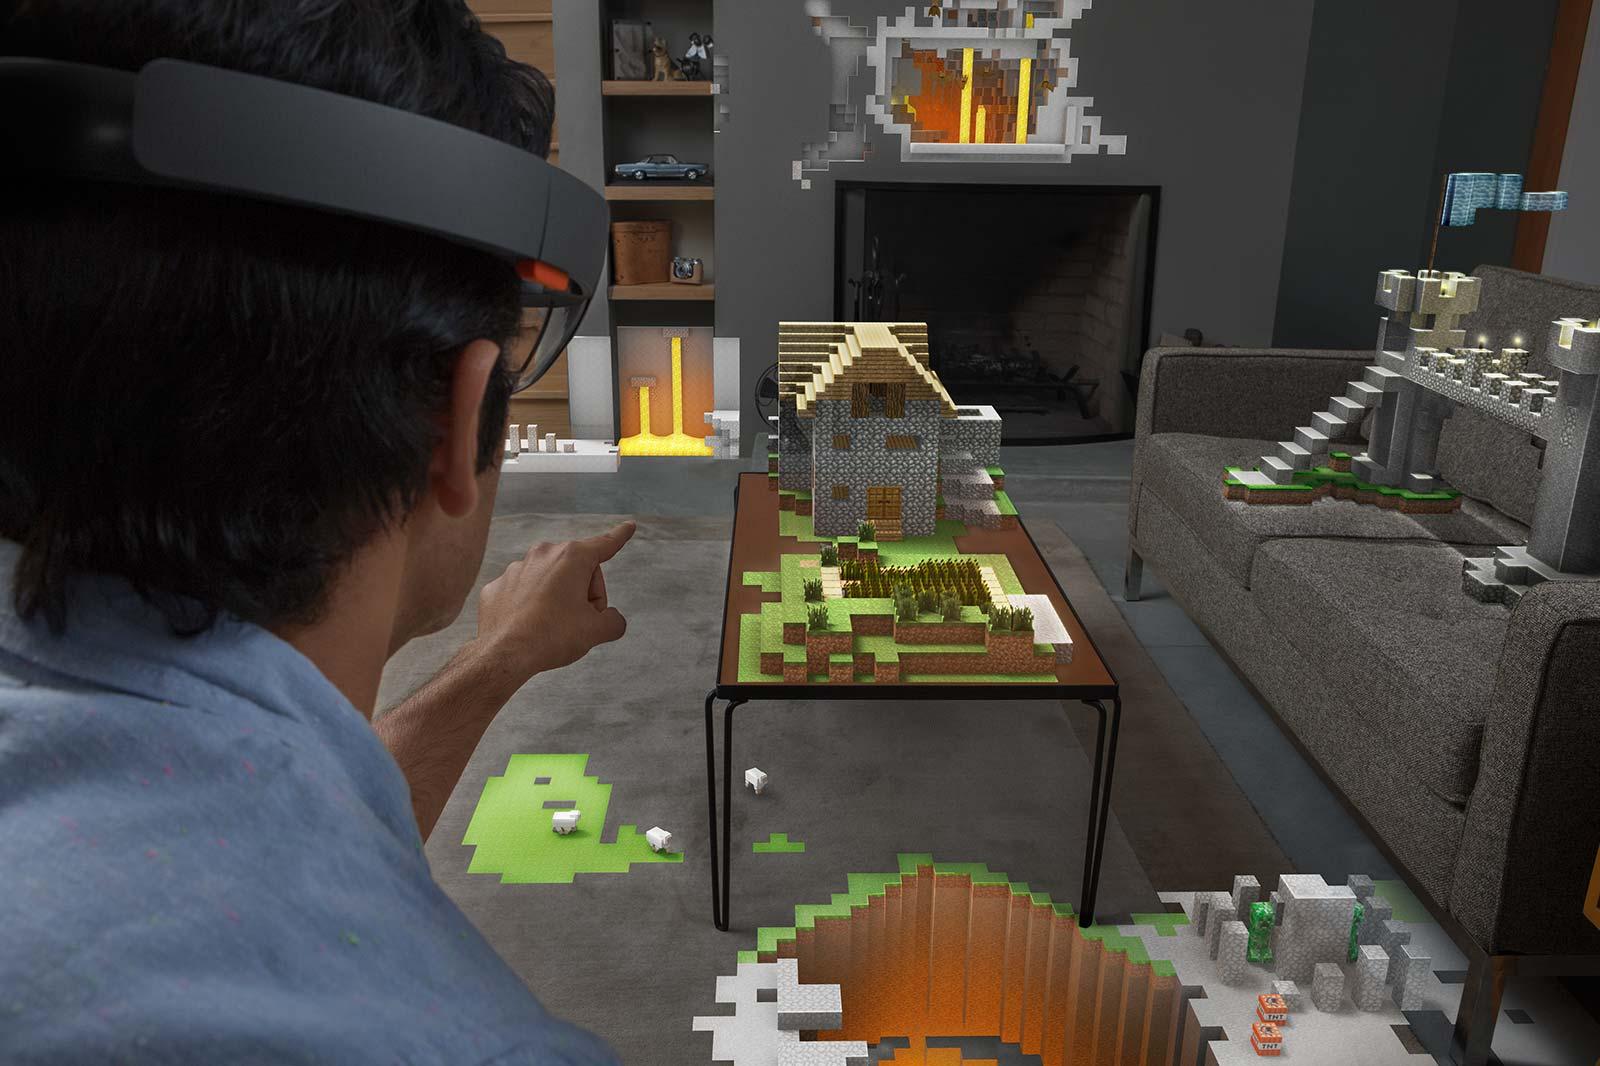 HoloLens-ef989fe2-5c9b-4437-ad74-eebf34fbb625